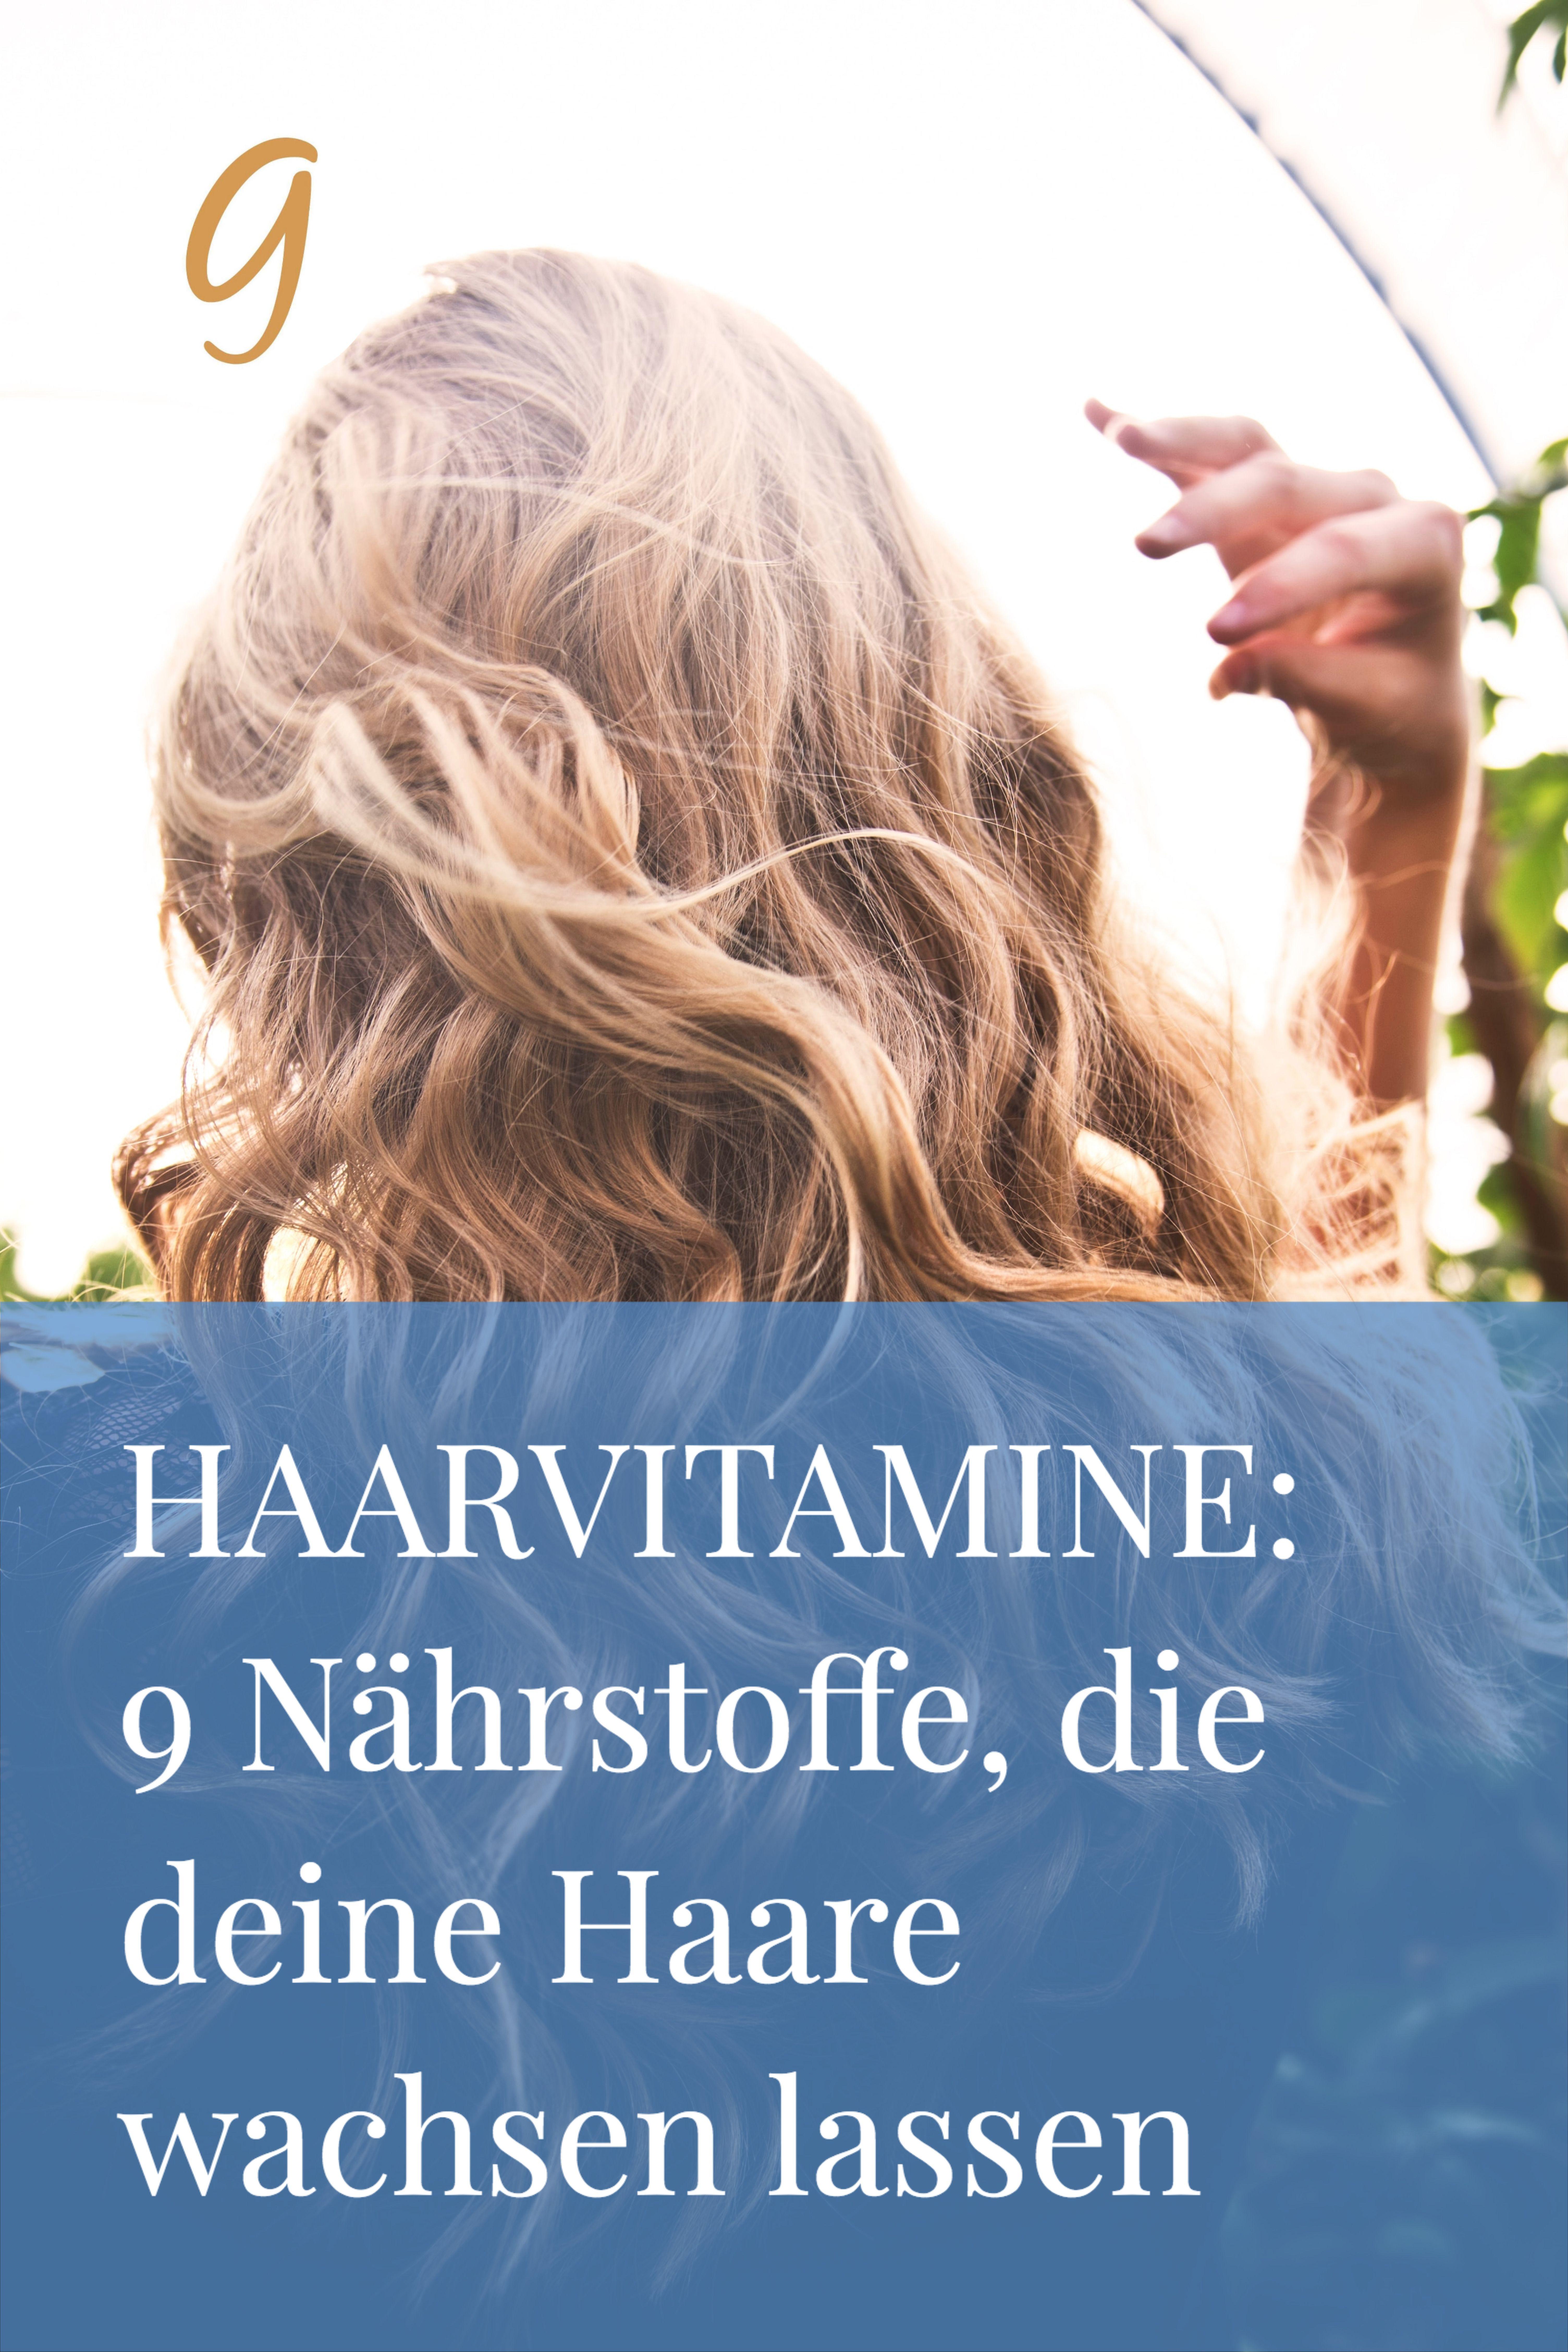 Photo of Haarvitamine: 9 Nährstoffe, die deine Haare wachsen lassen